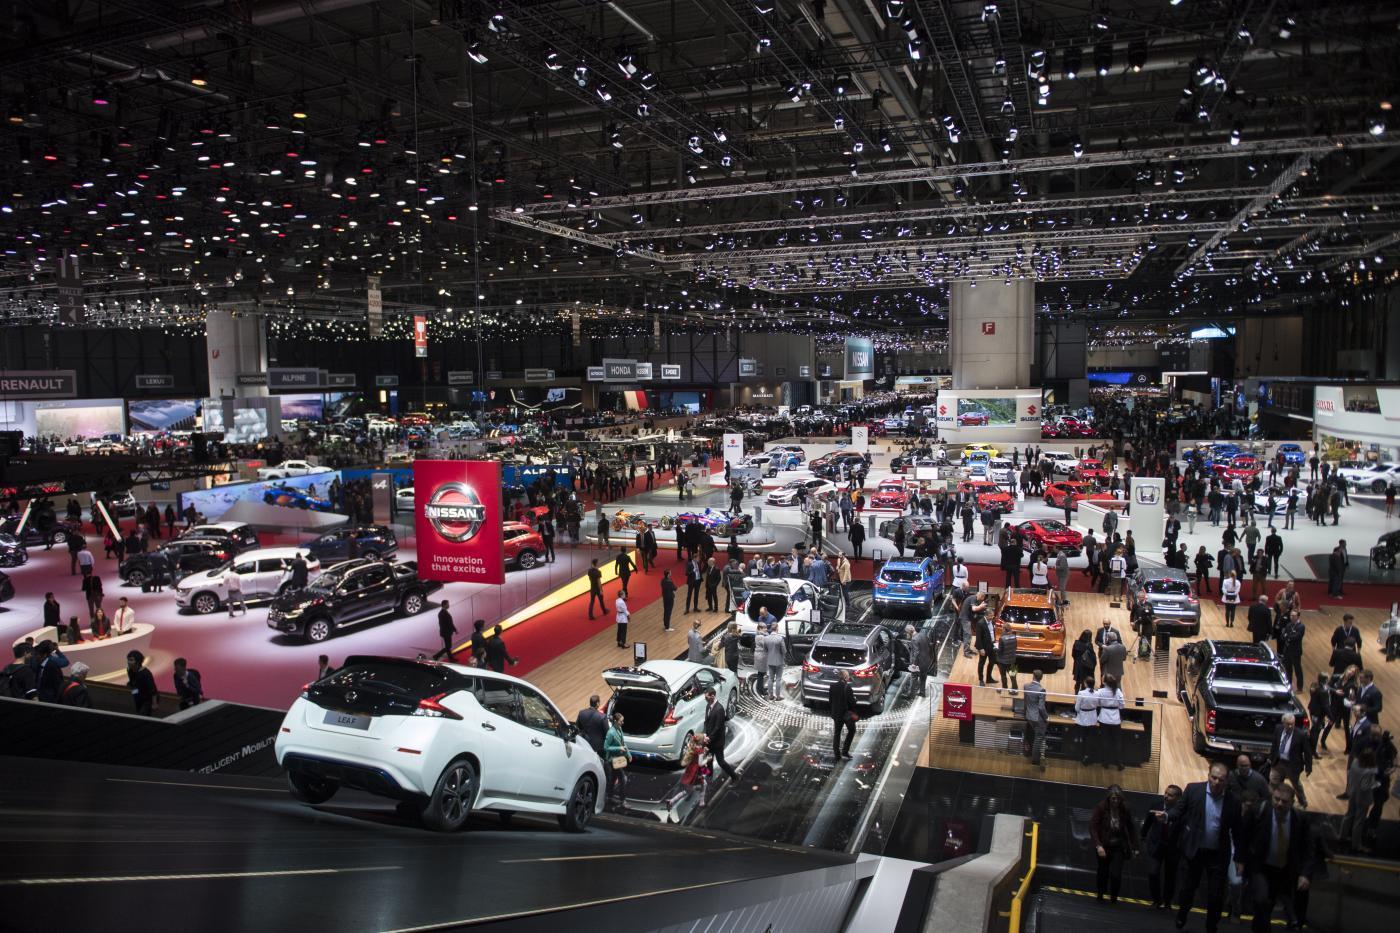 Il Salone dell'Auto di Ginevra parla italiano